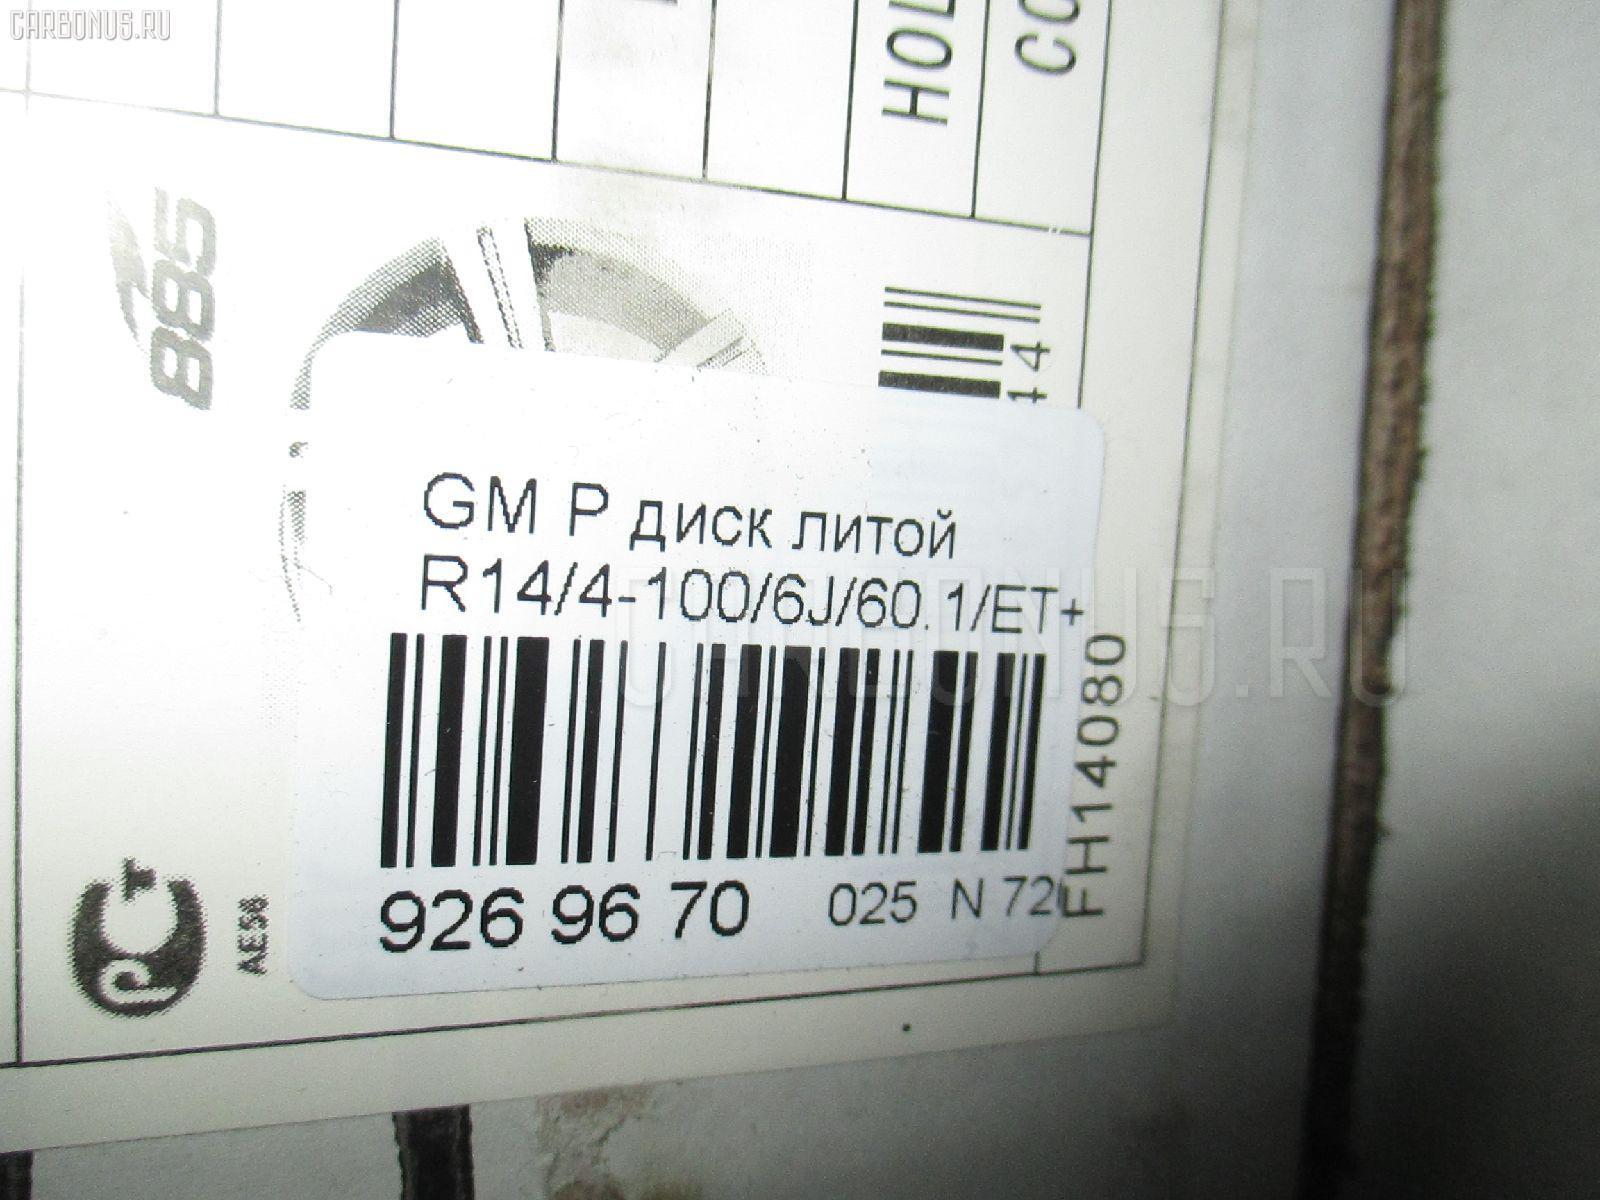 Диск литой 885 R14 / 4-100 / 60.1 / ET+38 Фото 4